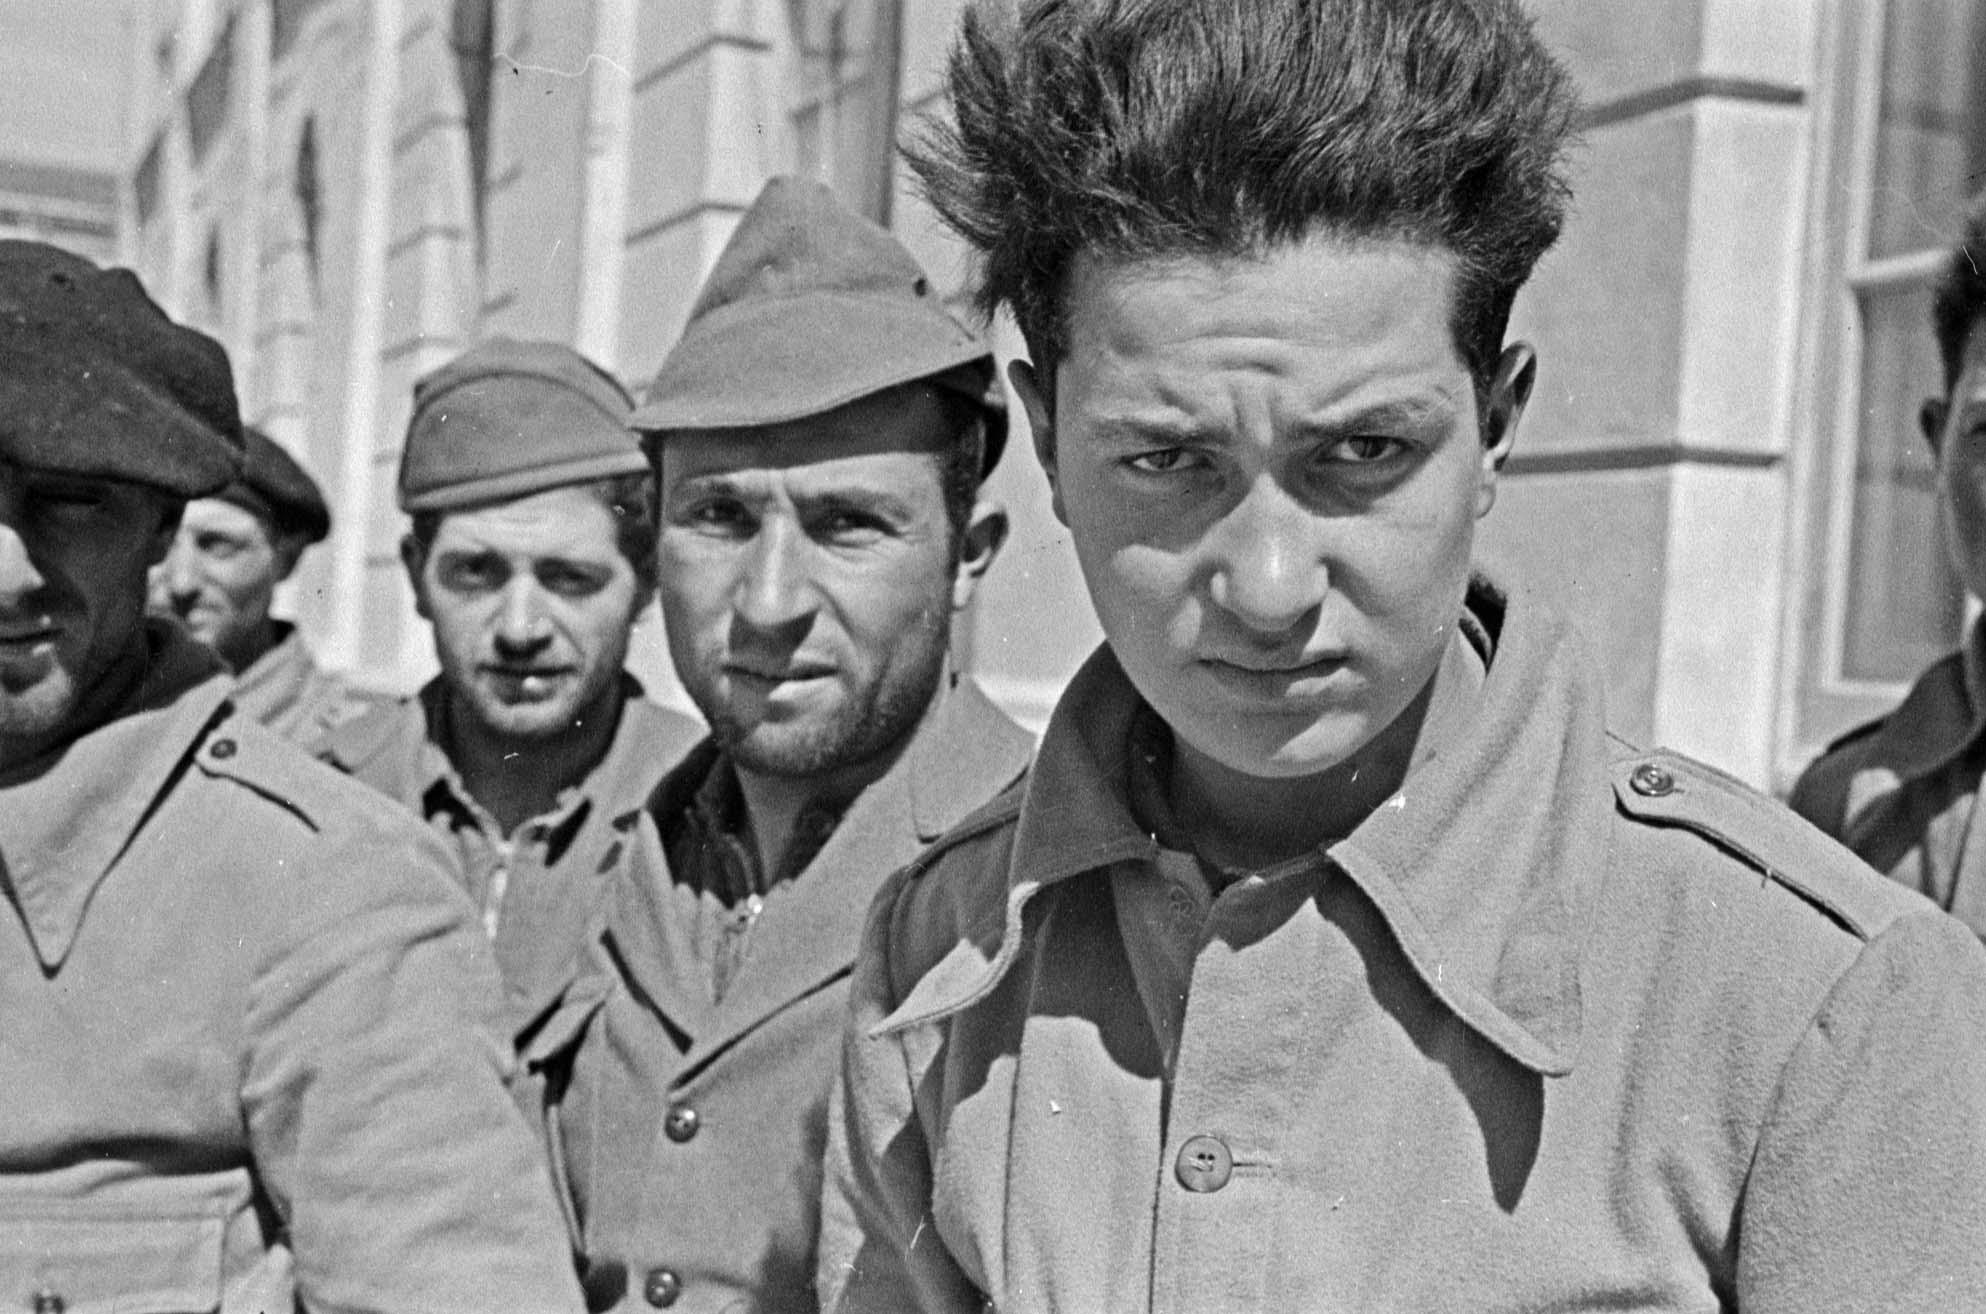 Prisioneros italianos capturados en la batalla de Guadalajara. Valencia, entre 23 marzo - 8 abril de 1937. Walter Reuter. ©Fondo Guillermo Fernández Zúñiga.